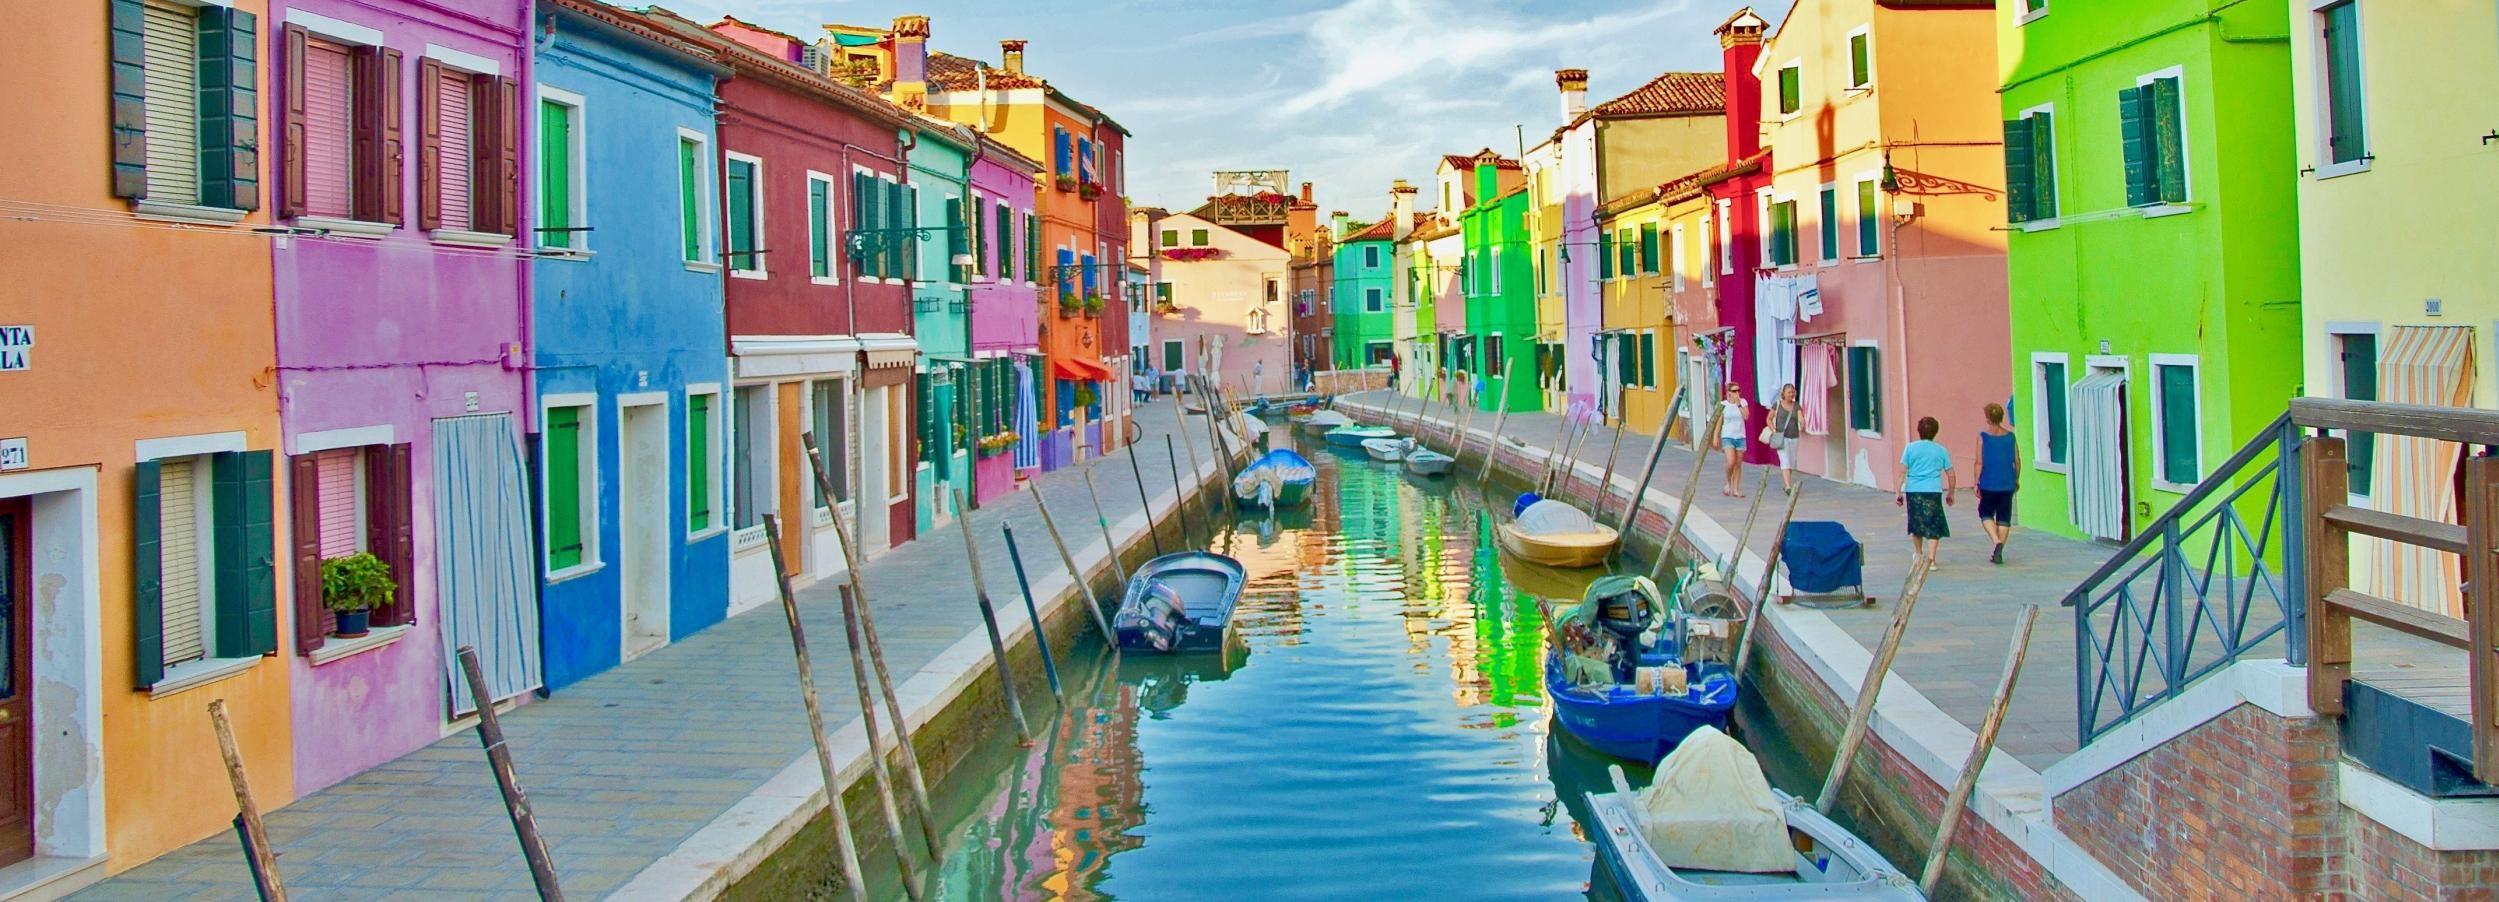 Венеция: круиз по Мурано, Бурано и Торчелло